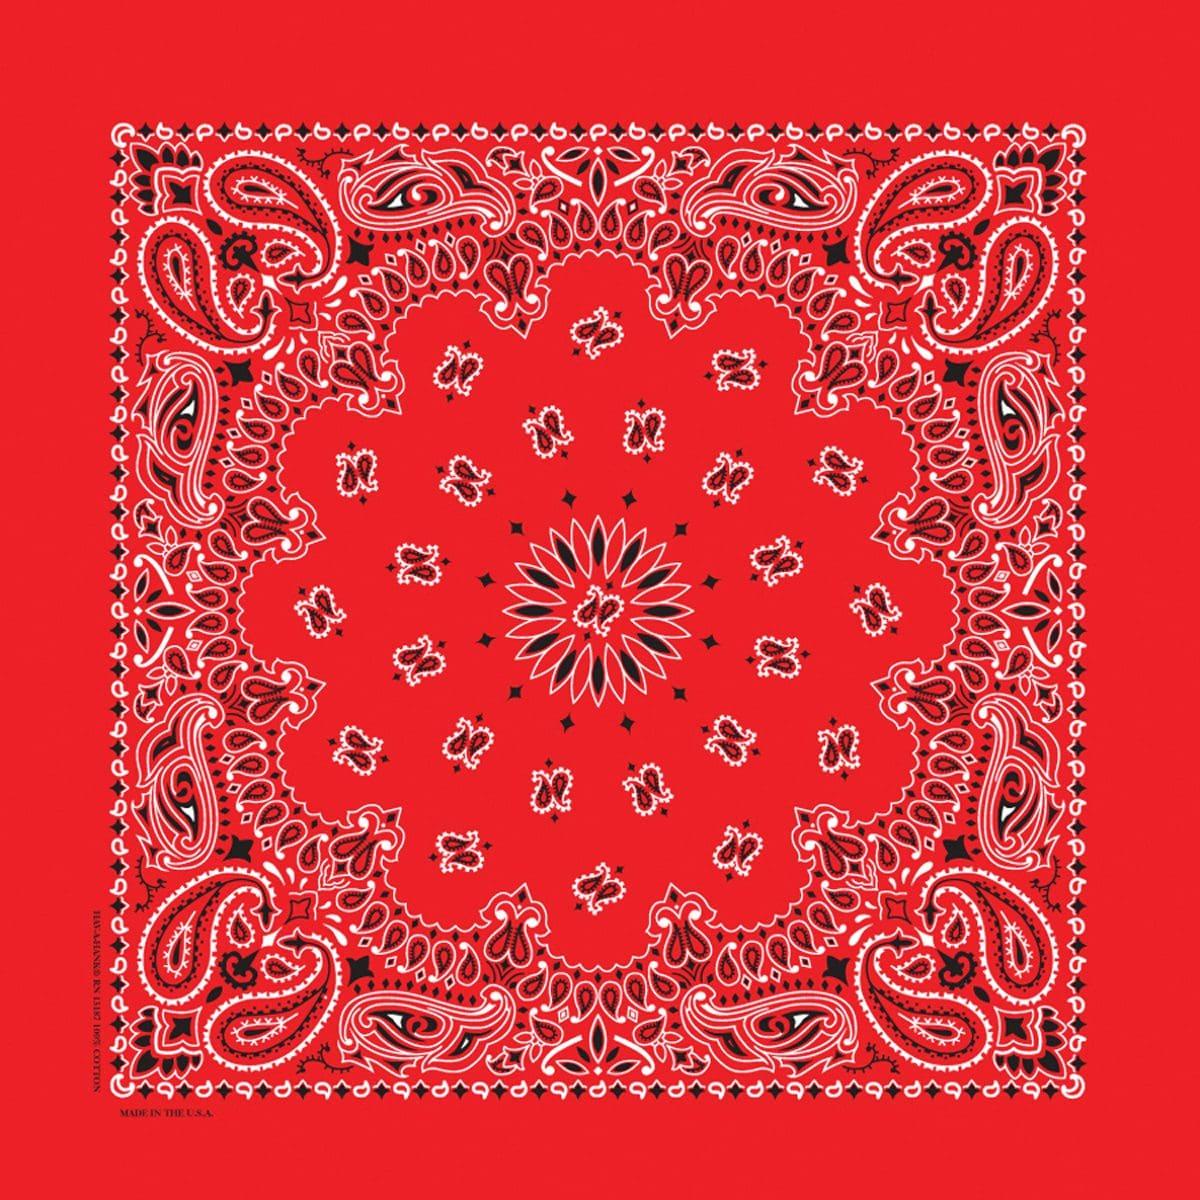 B35PAI-000001-BANDANNA-PAISLEY-35-INCH-BANDANA-RED